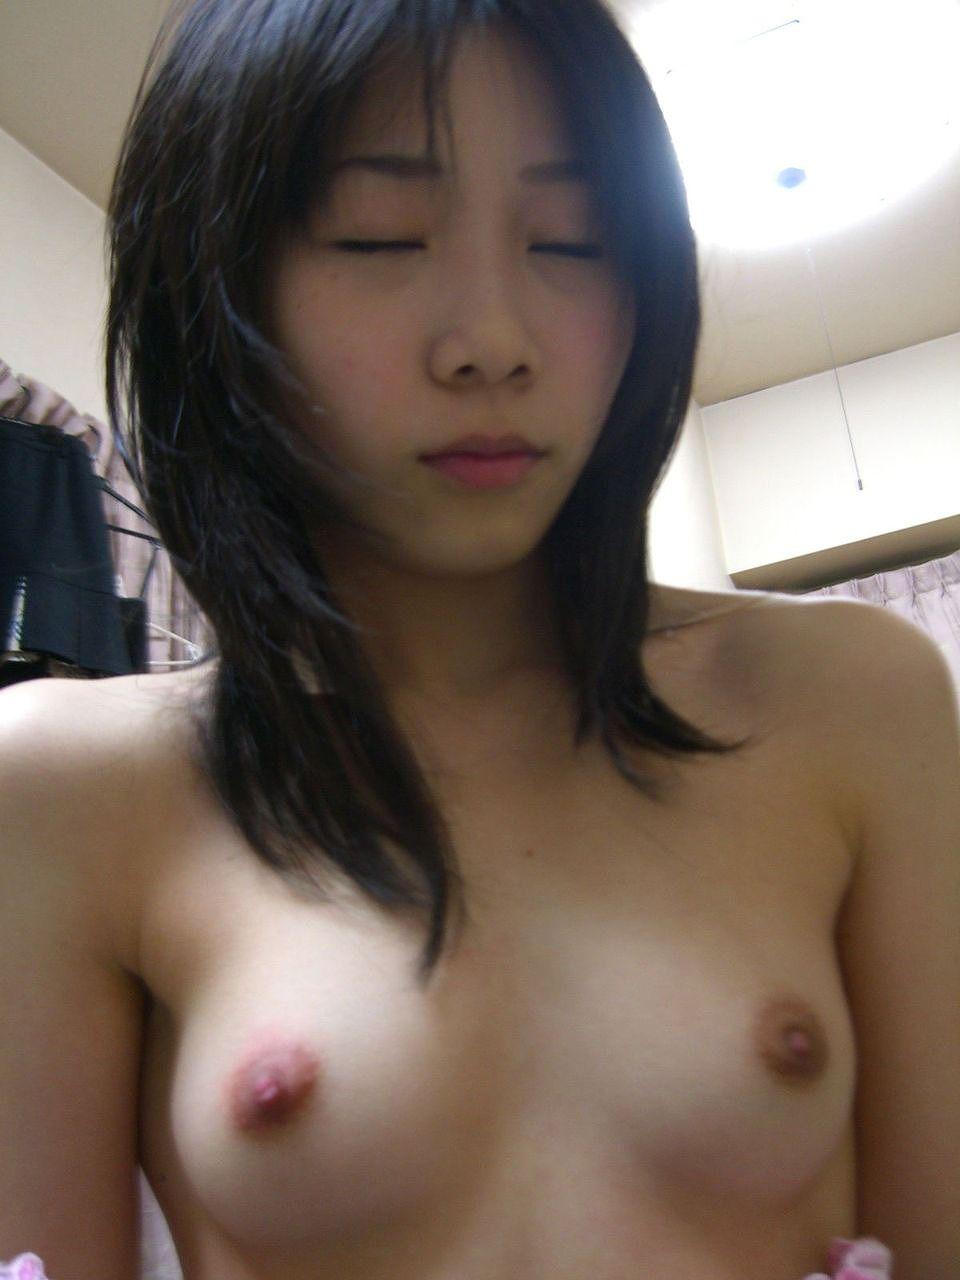 セックスしてる姿をハメ撮りされちゃって恥ずかしそうにしてる彼女のエロ画像 05139